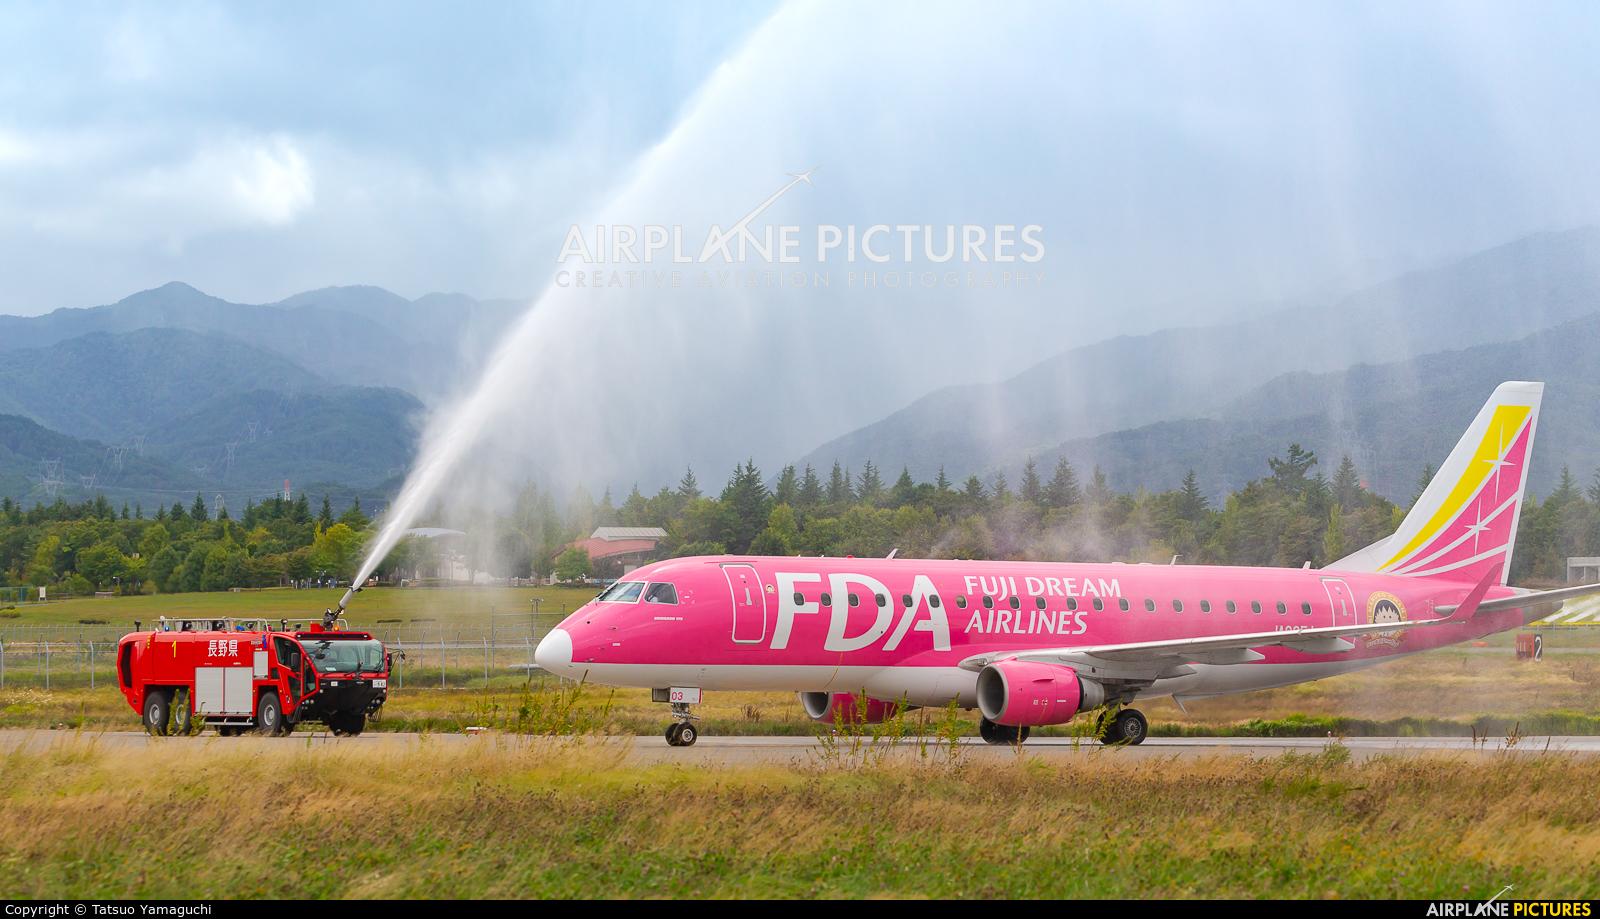 Fuji Dream Airlines JA03FJ aircraft at Shinshu - Matsumoto